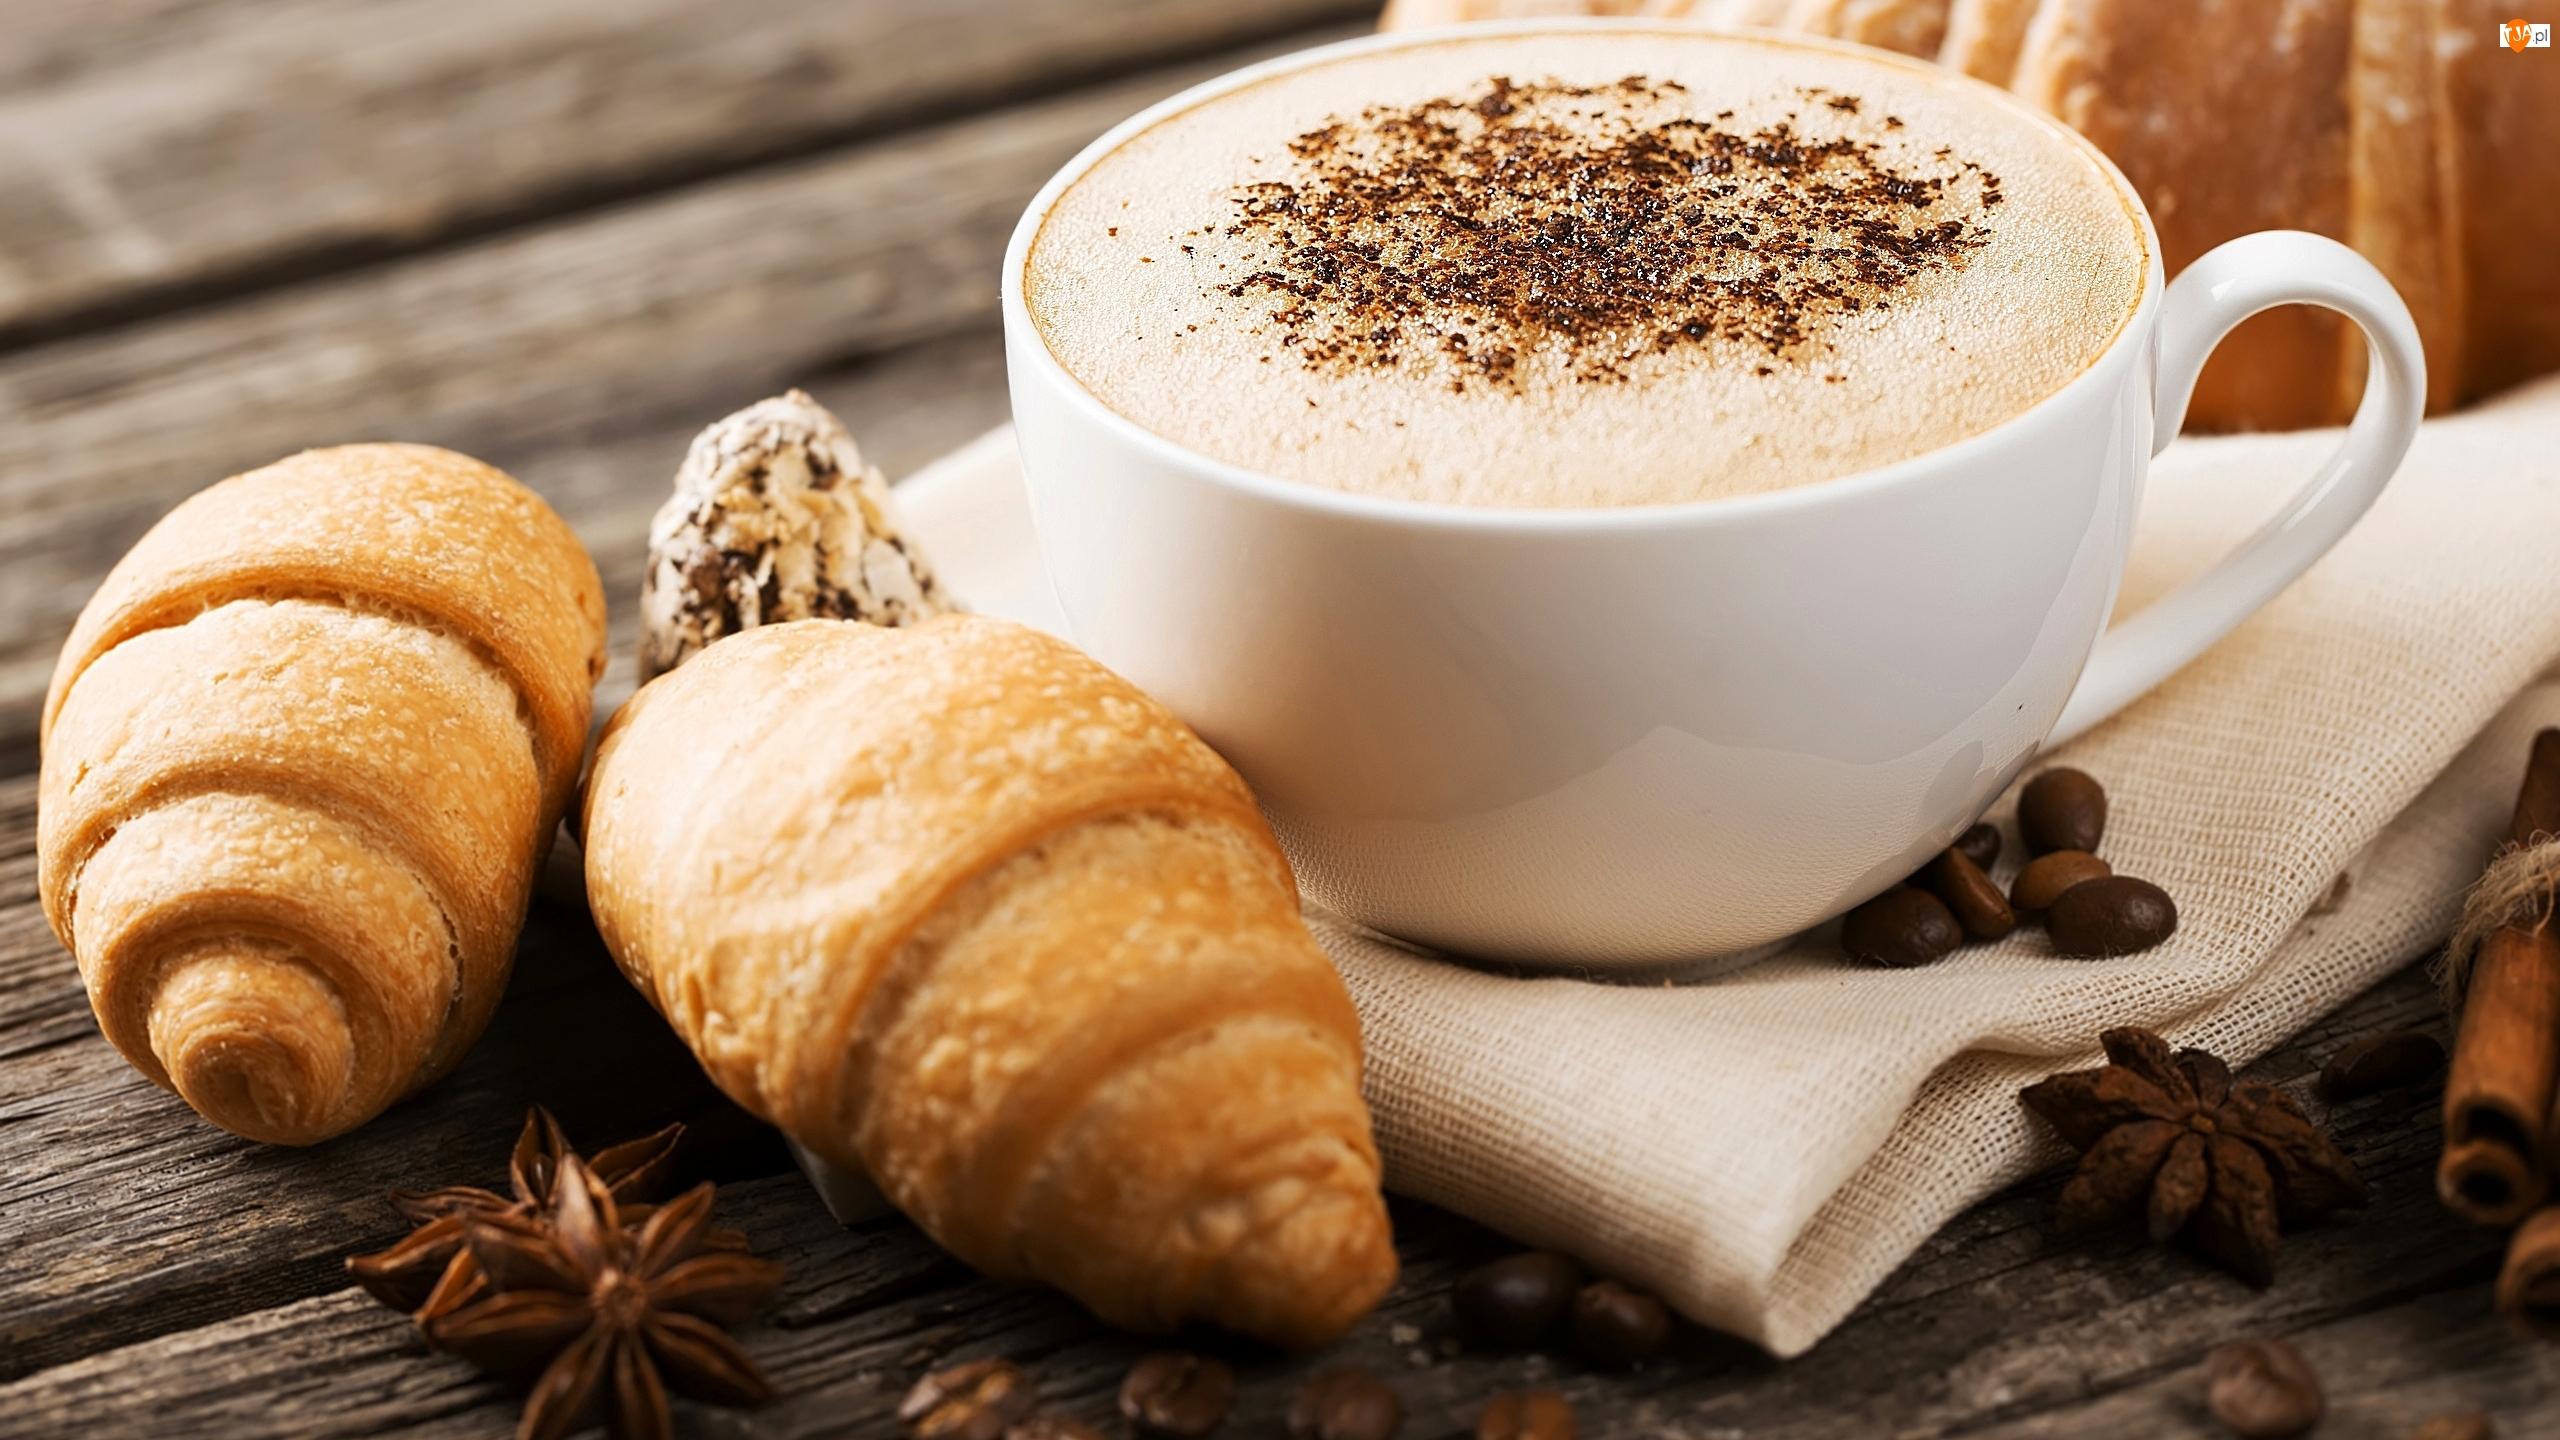 Cappuccino, Filiżanka, Ziarna, Kawa, Ściereczka, Croissanty, Rogaliki